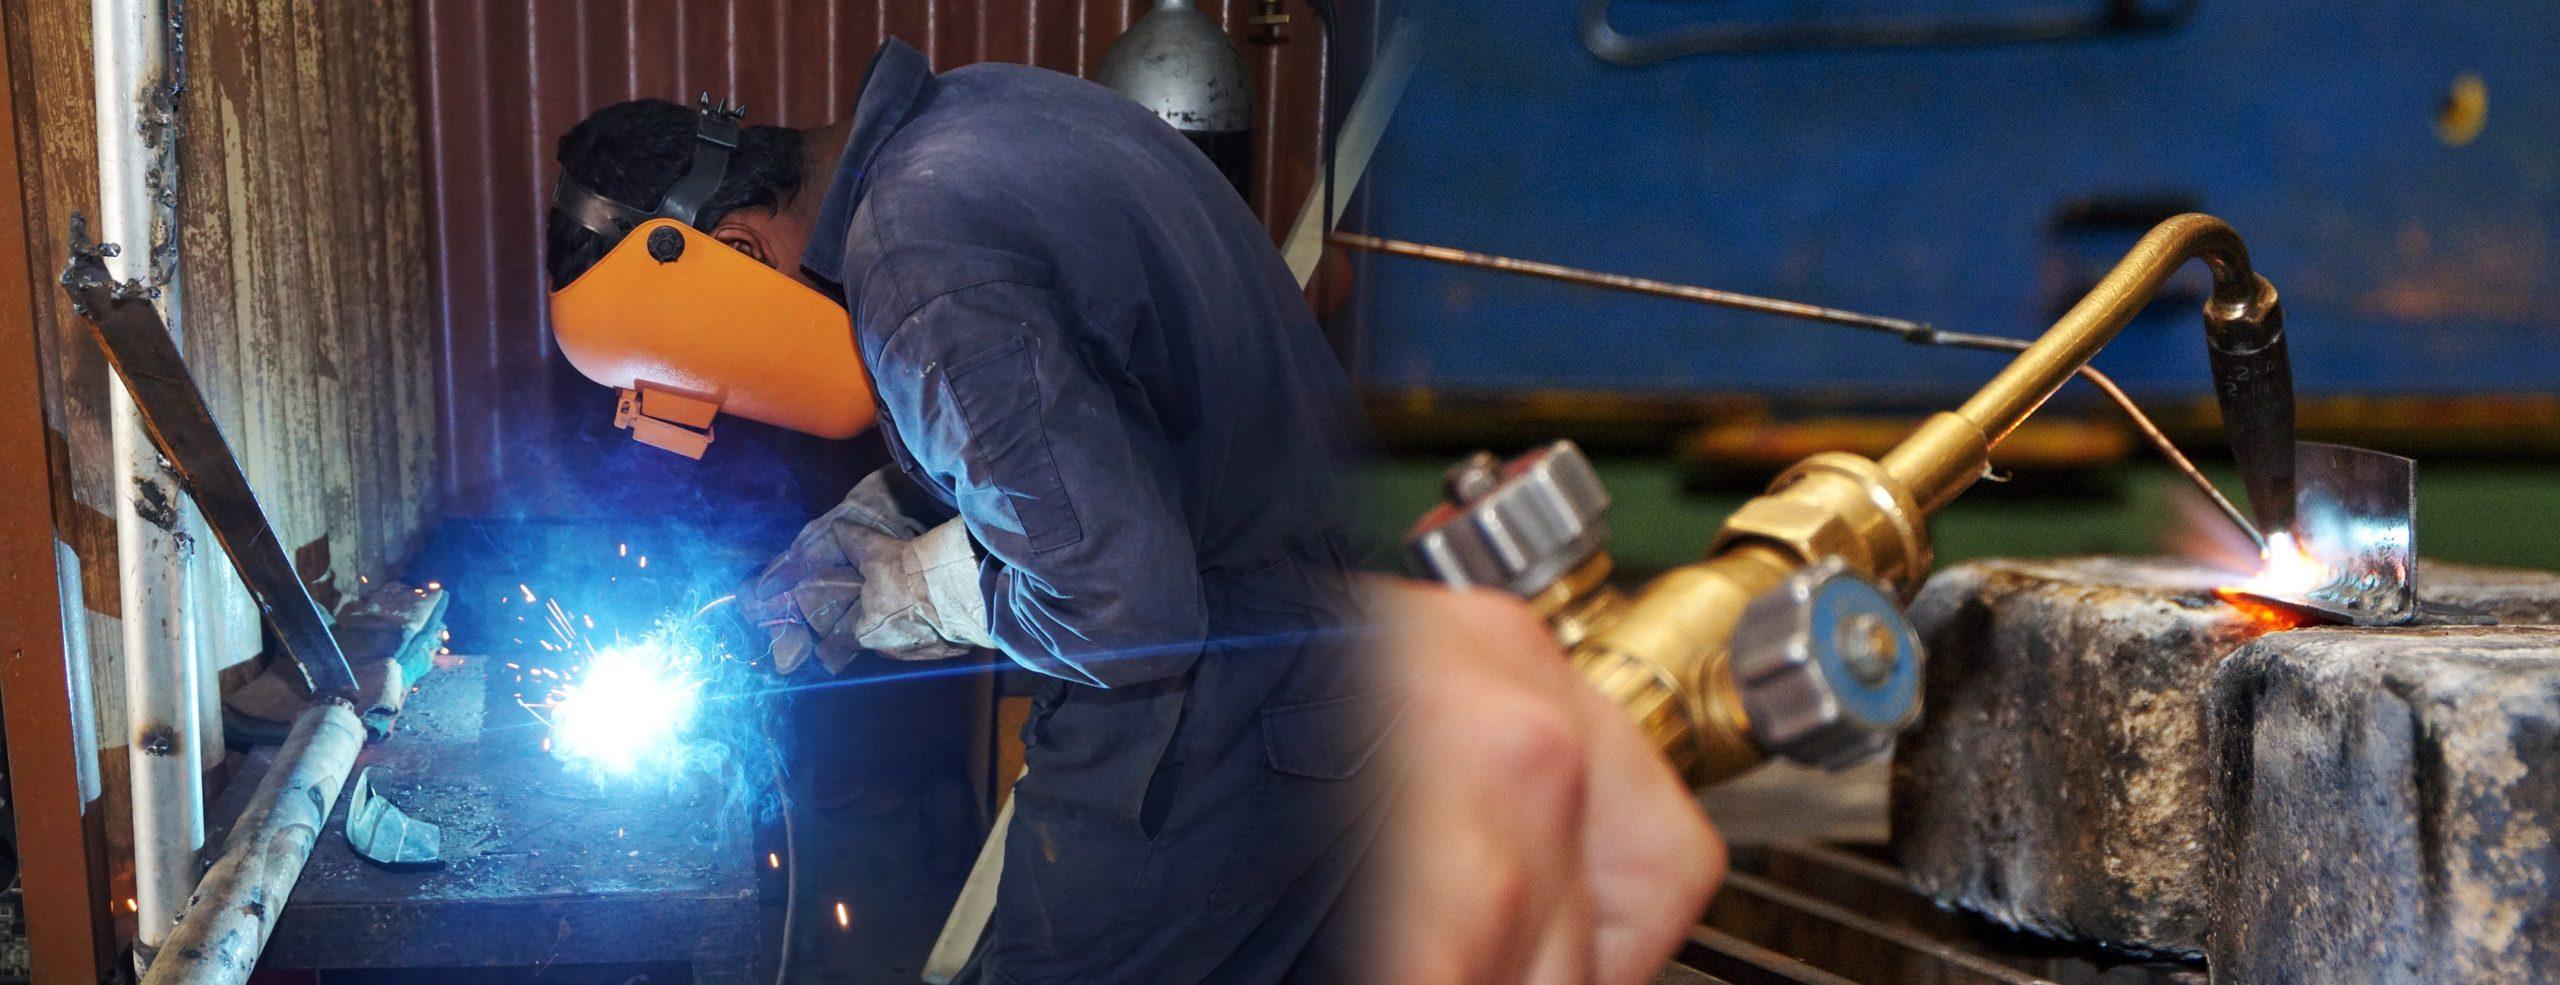 Gas Welding VS Arc Welding